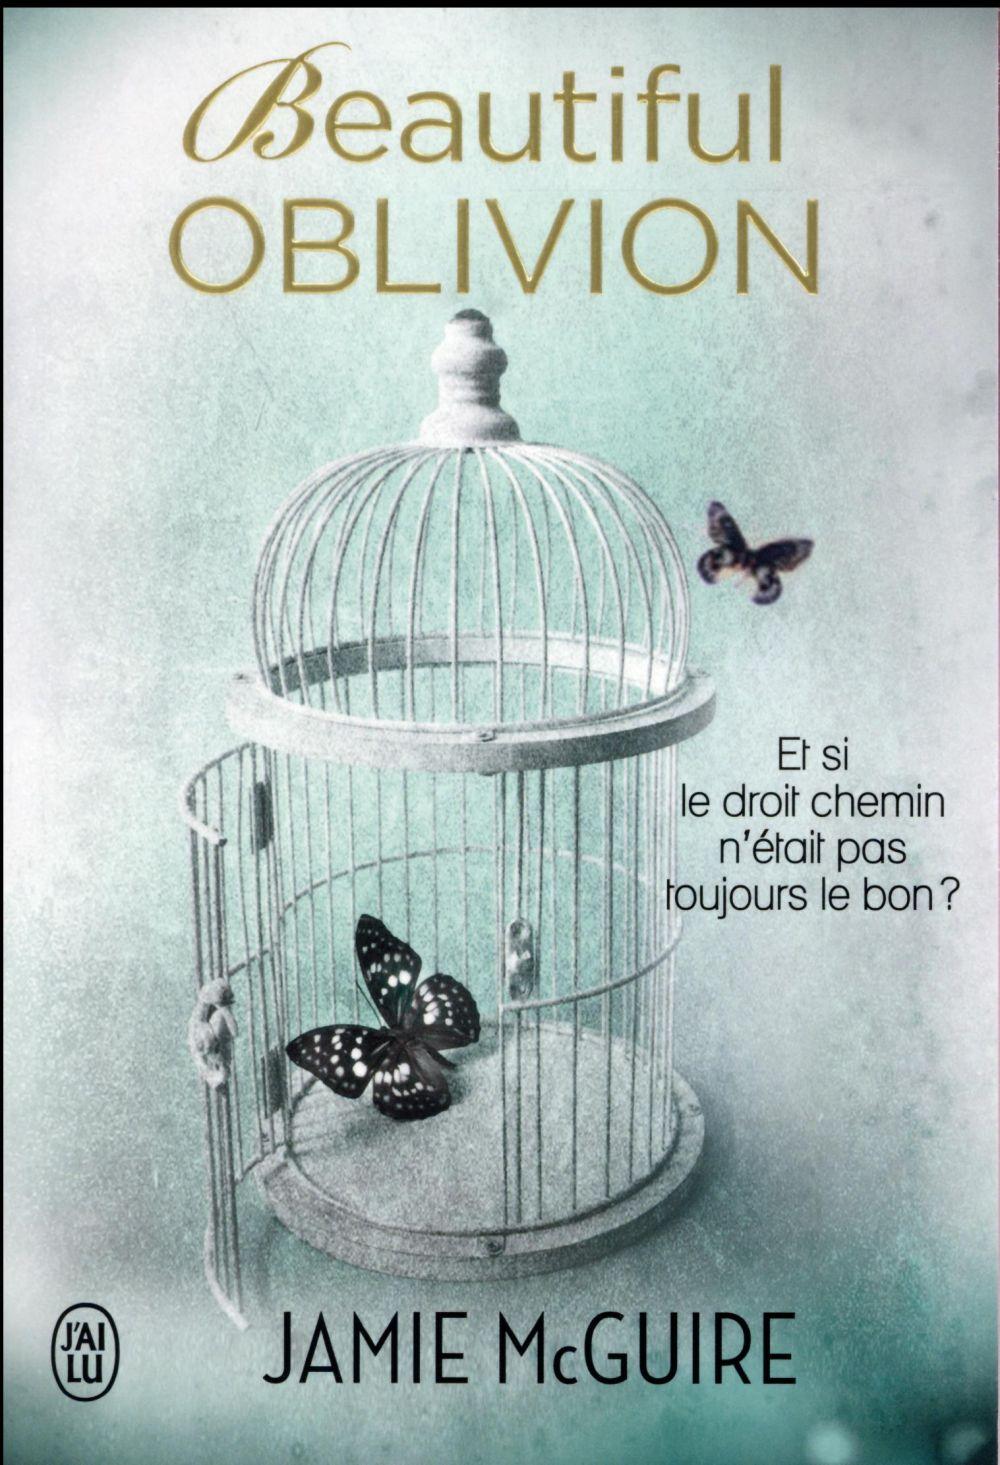 Beautiful oblivion ; et si le droit chemin n'était pas toujours le bon ?